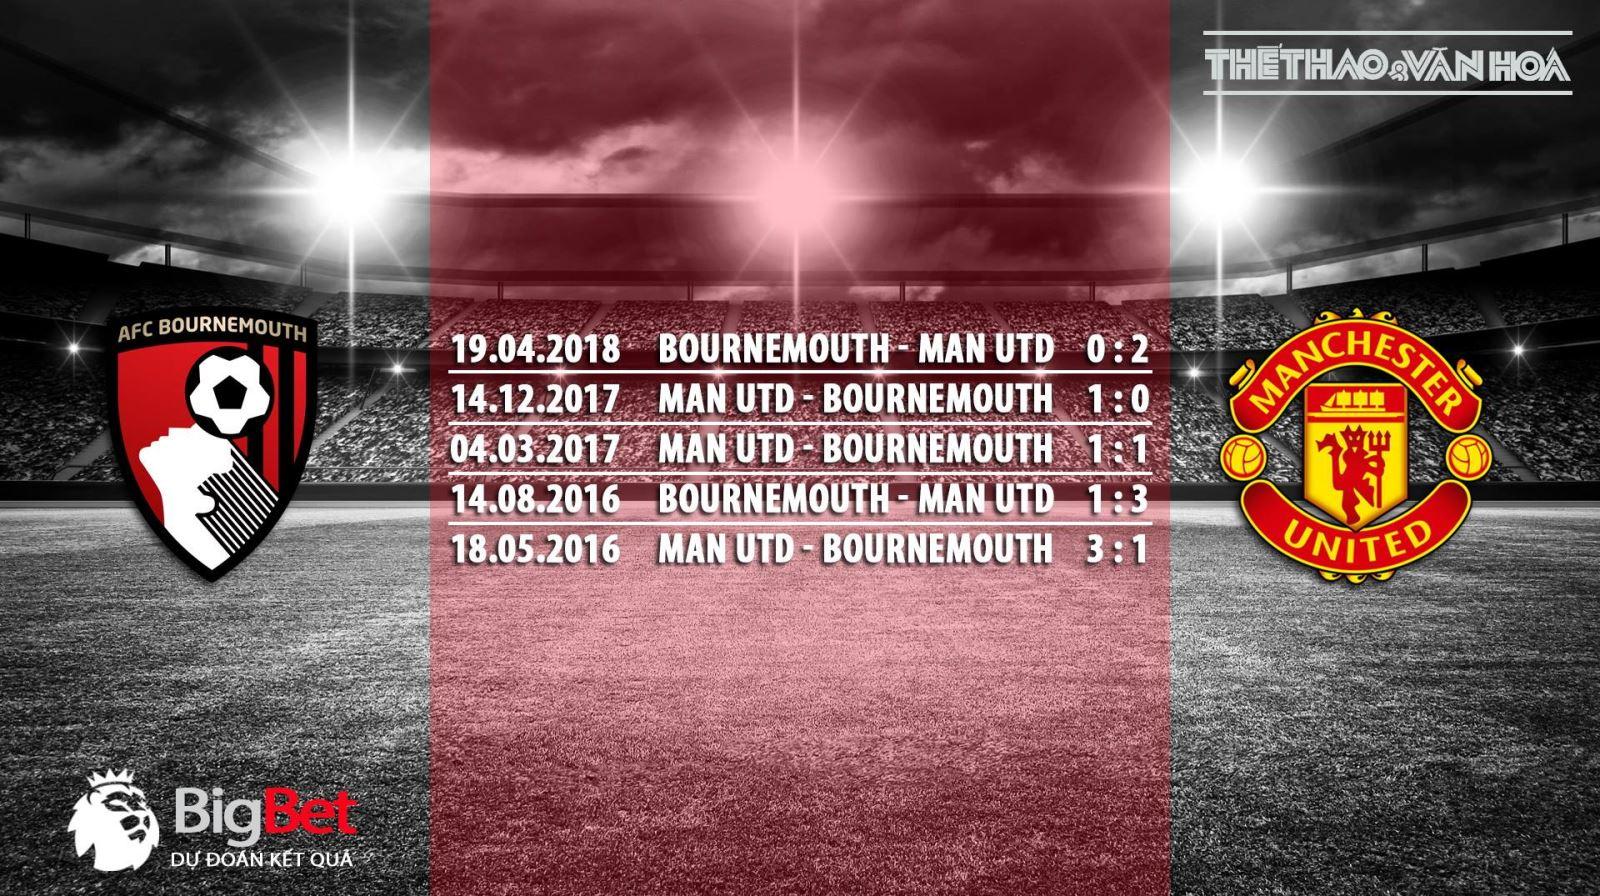 MU, kèo MU, soi kèo MU, kèo MU vs Bournemouth, trực tiếp bóng đá, lịch thi đấu bóng đá ngoại hạng Anh, trực tiếp MU, kèo Bournemouth vs MU, nhận định MU, dự đoán bóng đá